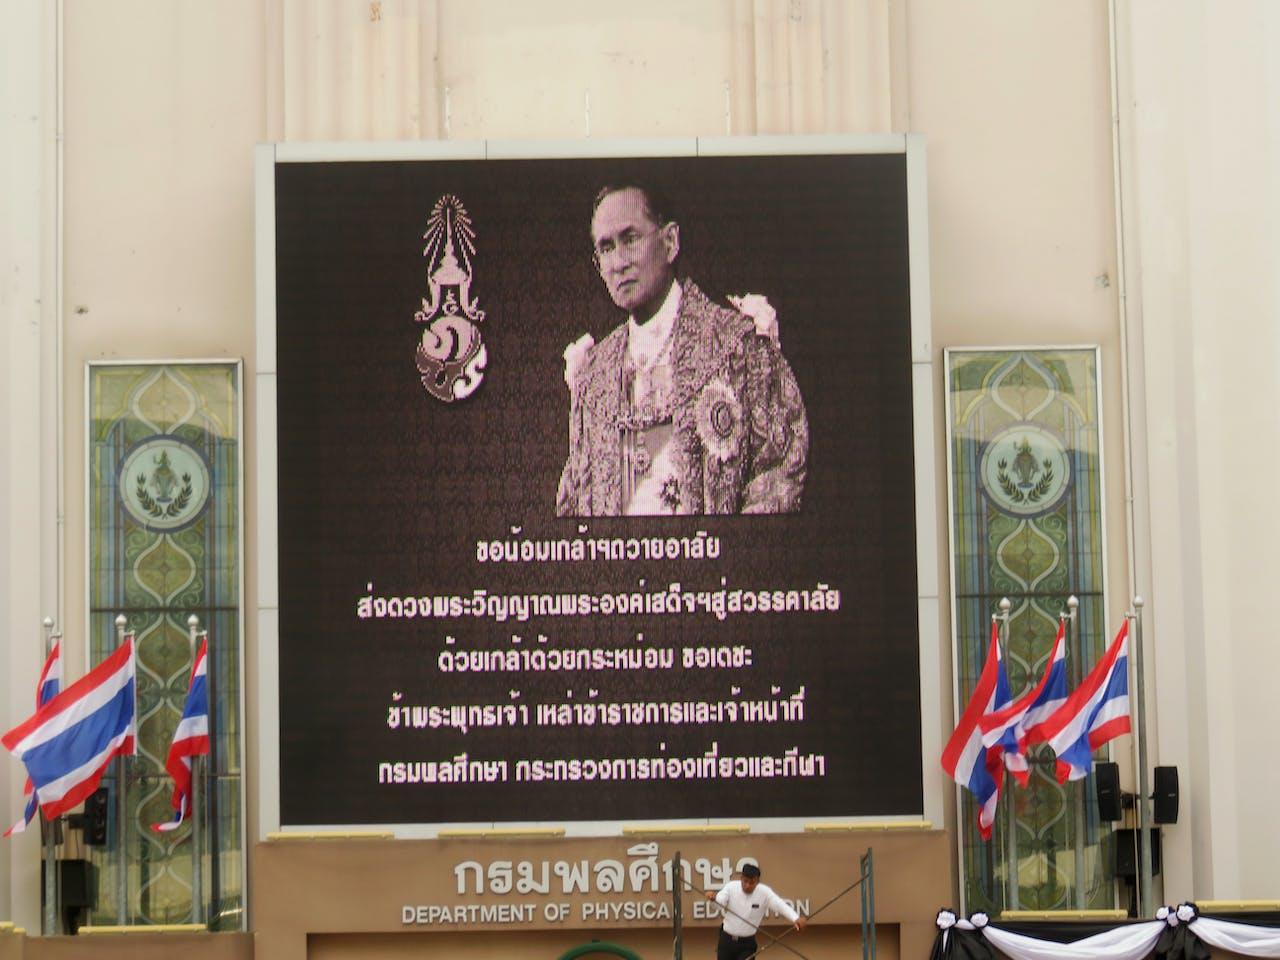 In schermen doorheen heel Thailand is Bhumibol te zien.